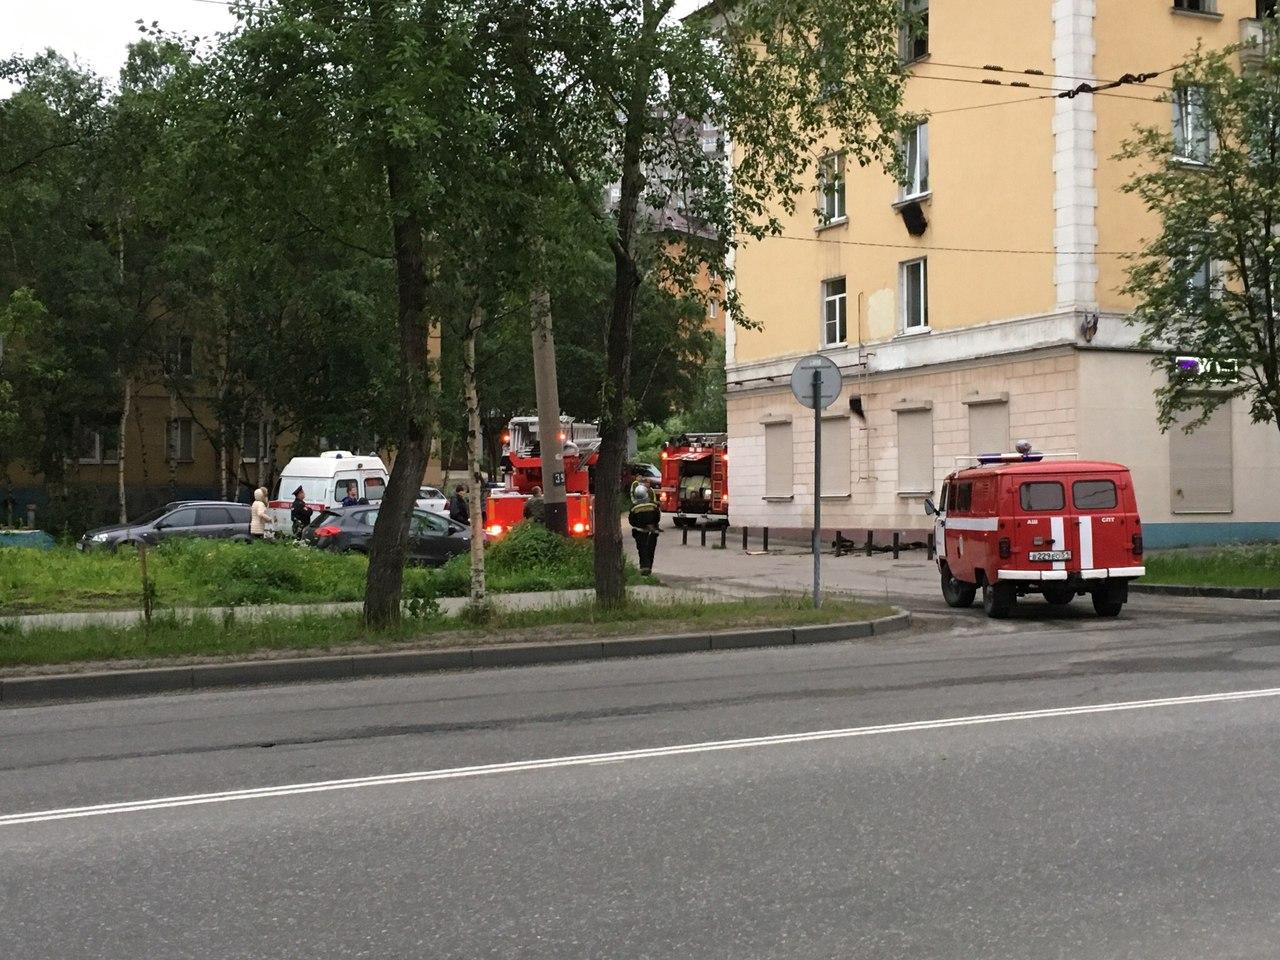 Ночью в Мурманске на проспекте Ленина горели квартира и машина